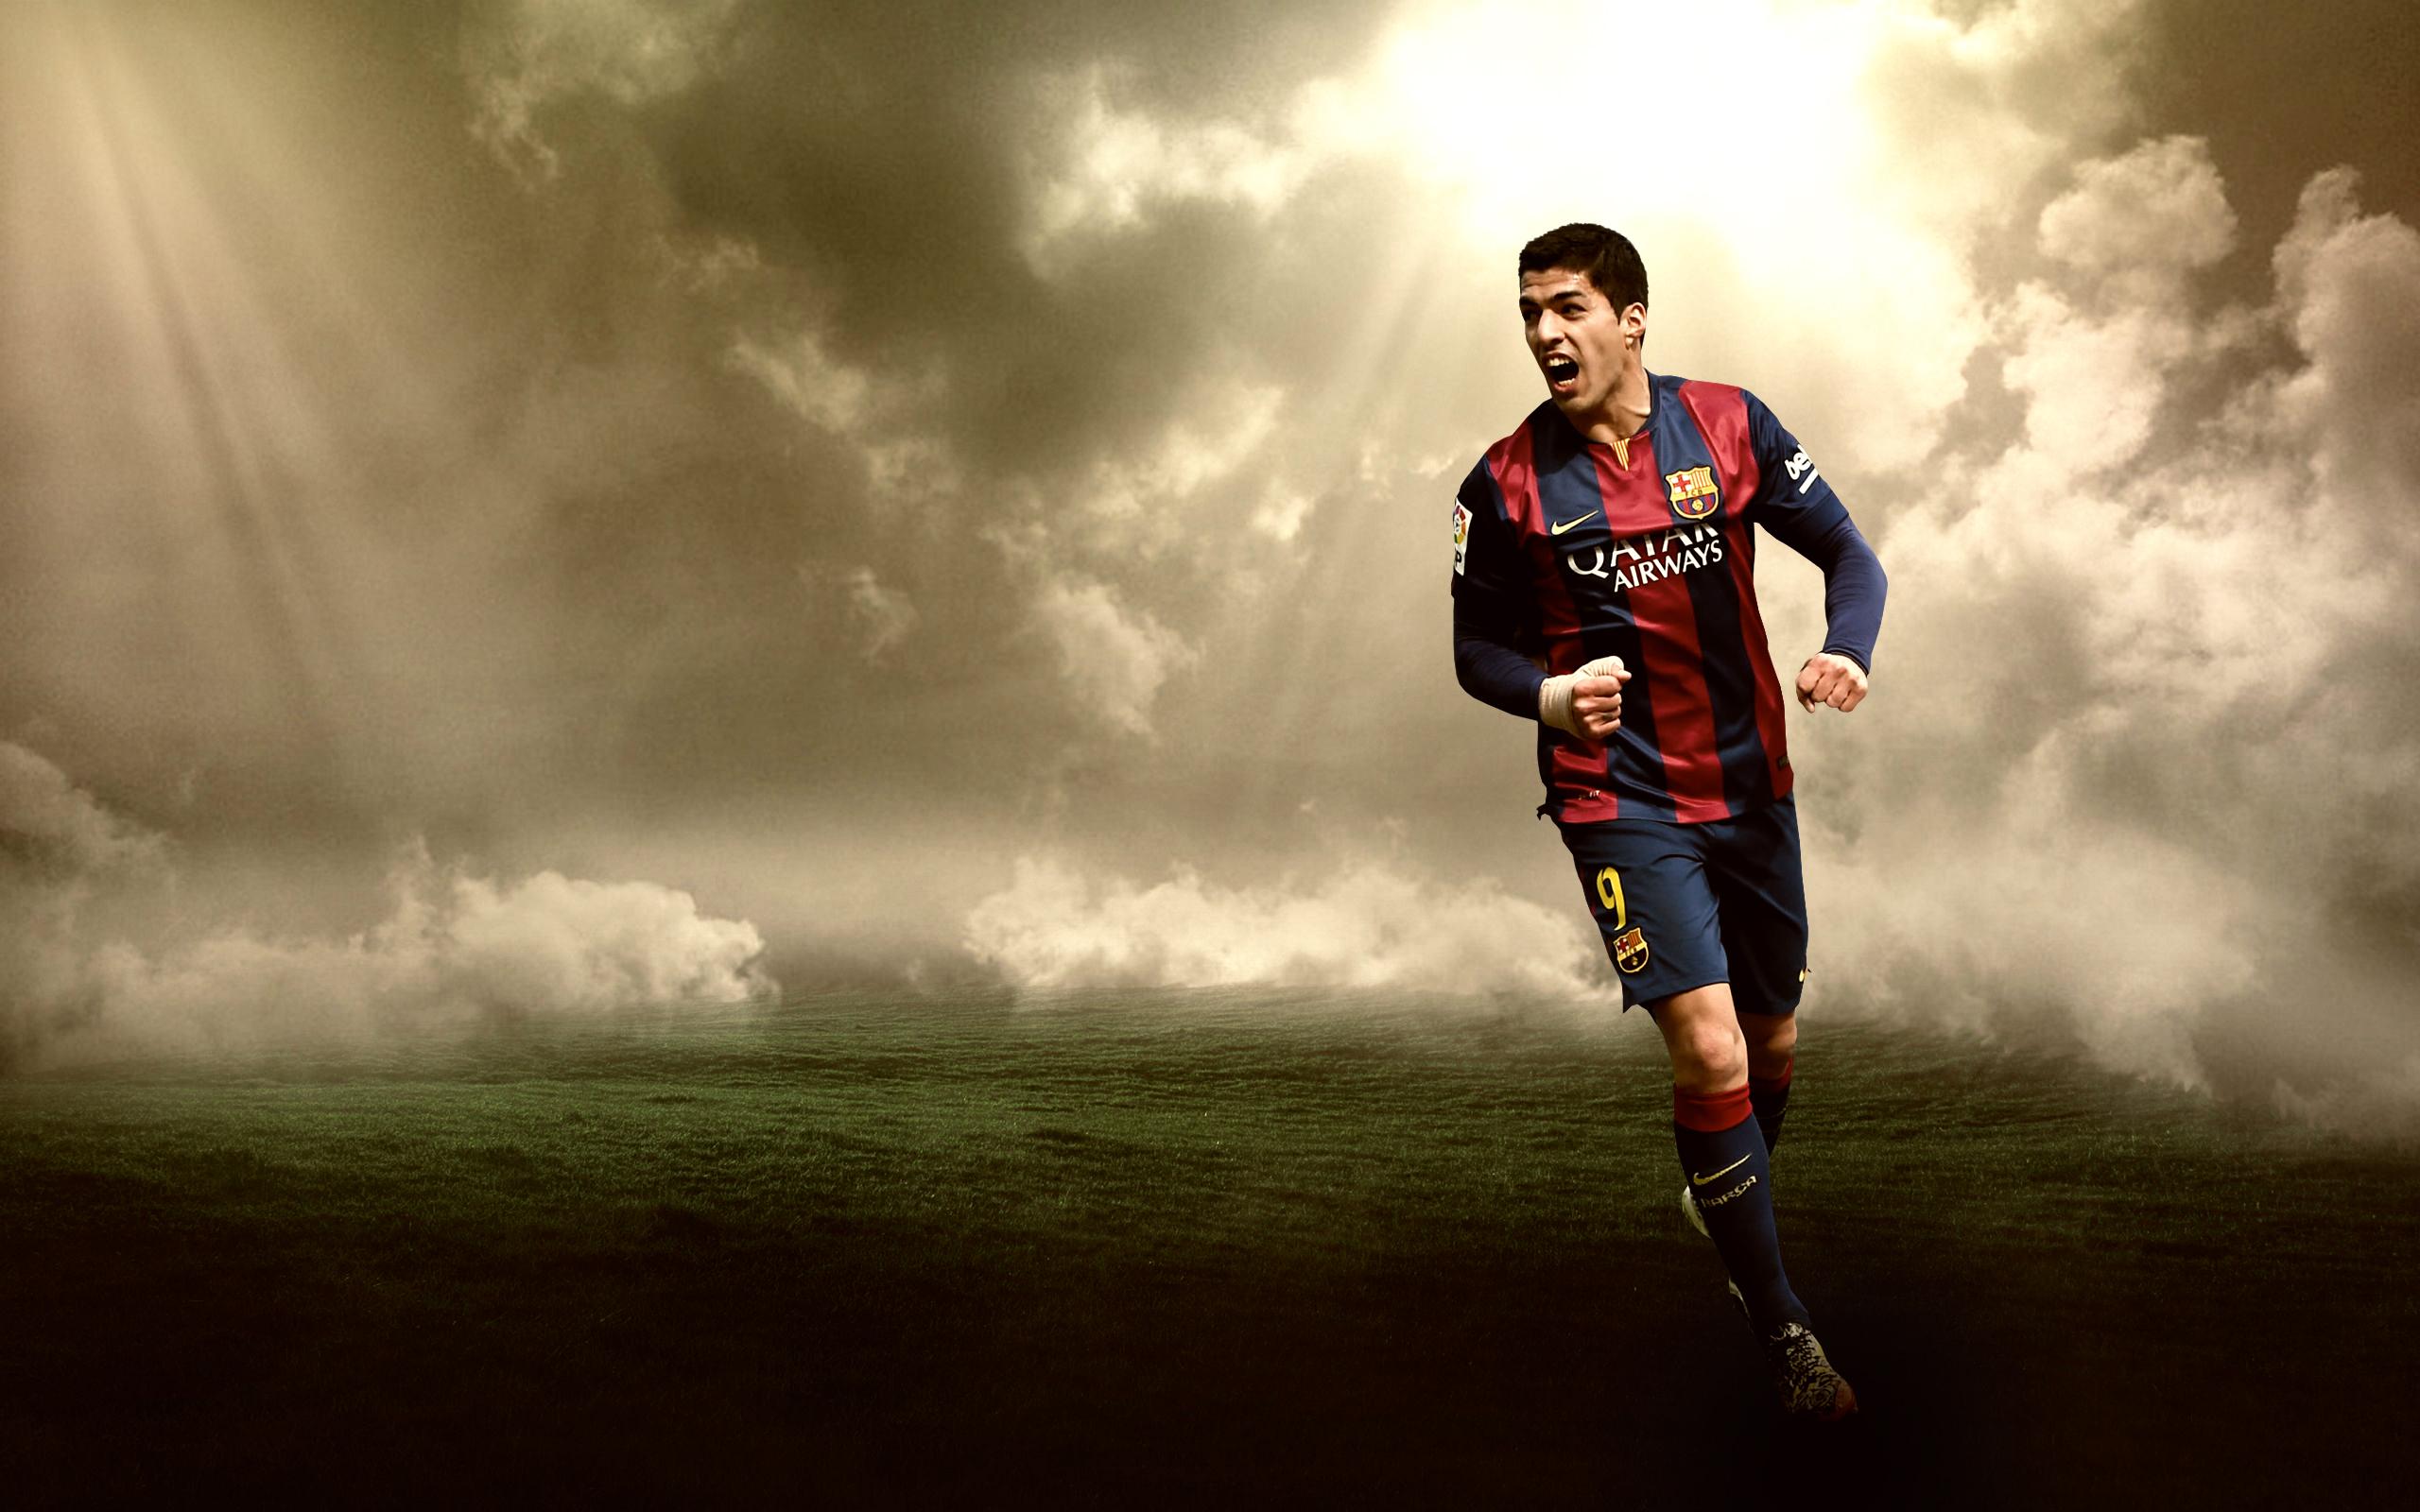 Luis Suarez Wallpapers Images Photos Pictures Backgrounds 2560x1600